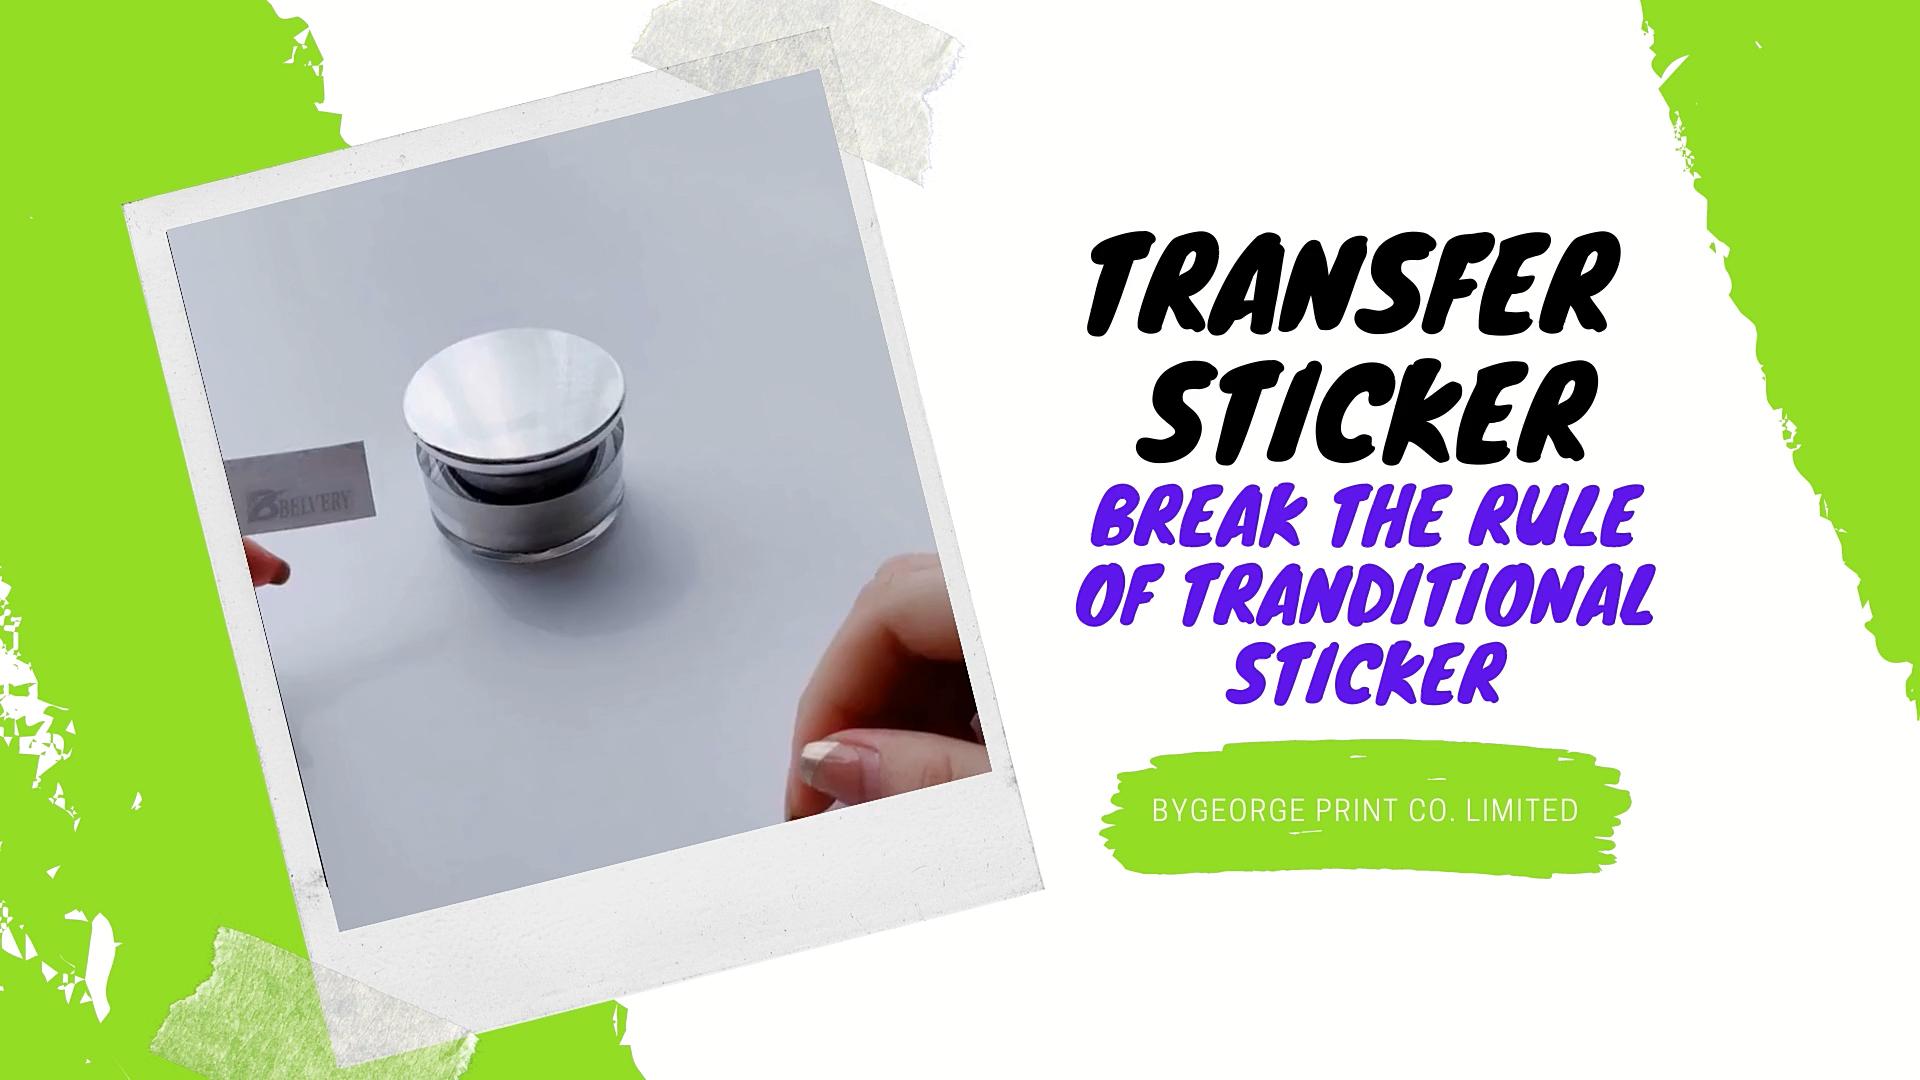 Fornitori di Tubi di Imballaggio impermeabile Adesivo di Stampa Nude Stampa di Marchio di Etichette Personalizzate Lip Gloss Sticker Tubo Lipgloss Adesivi